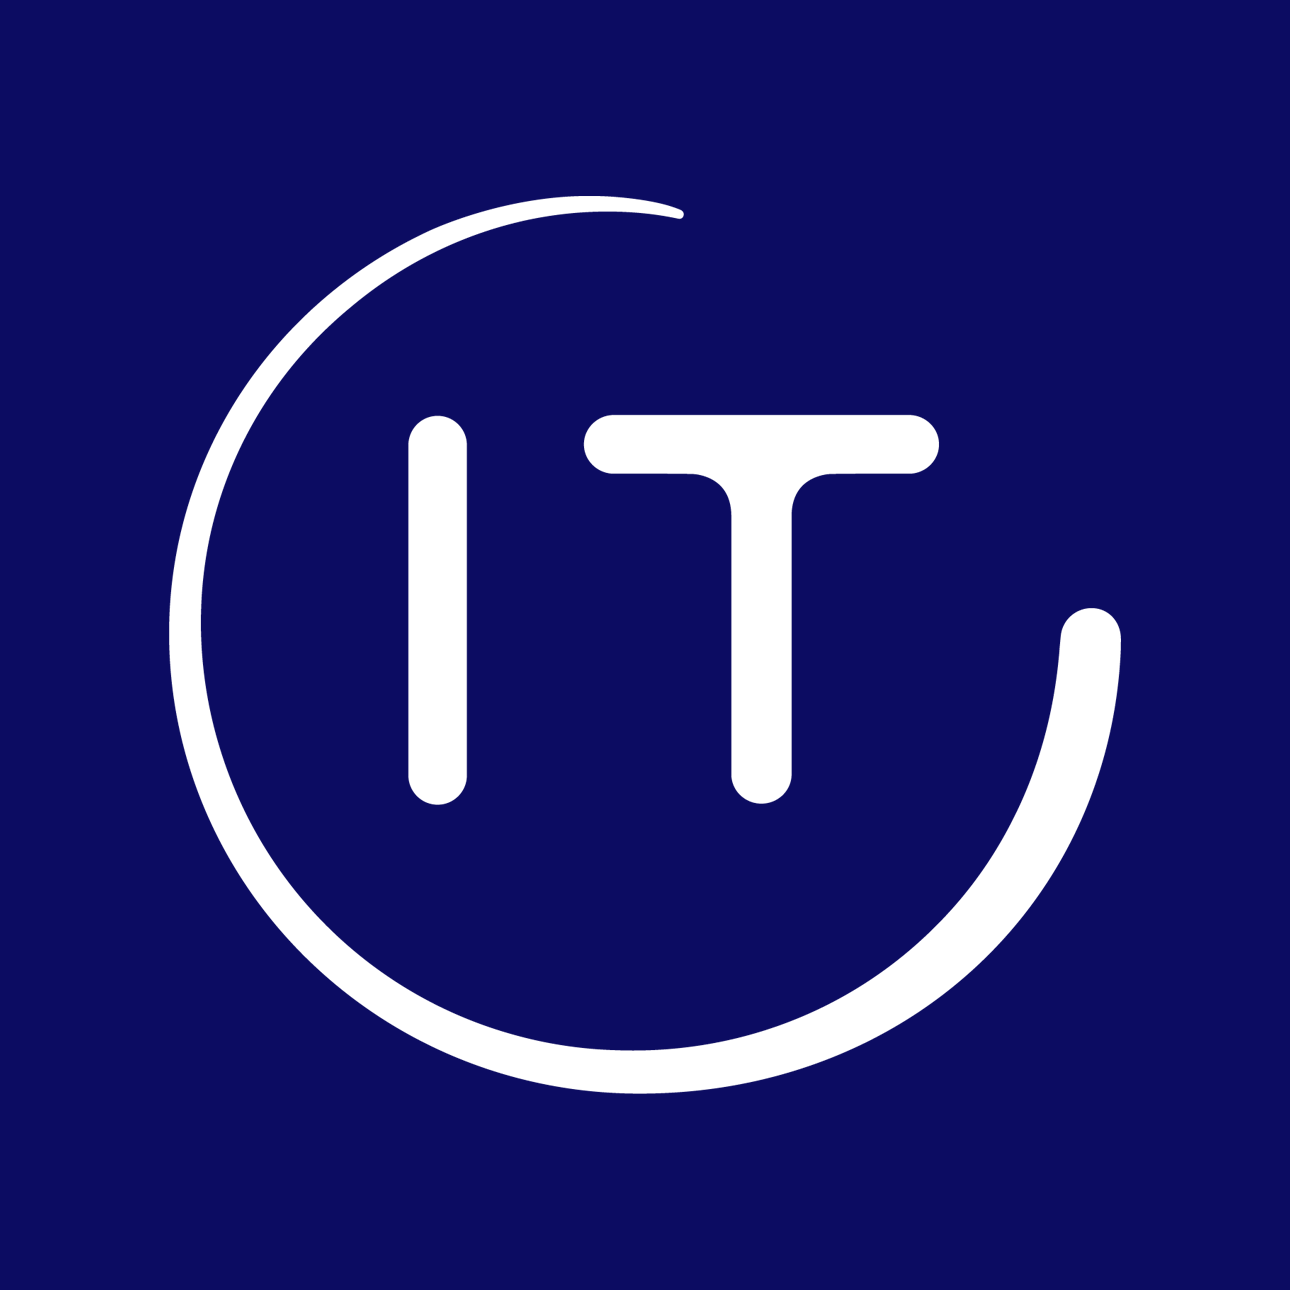 Información & Tecnología SAS